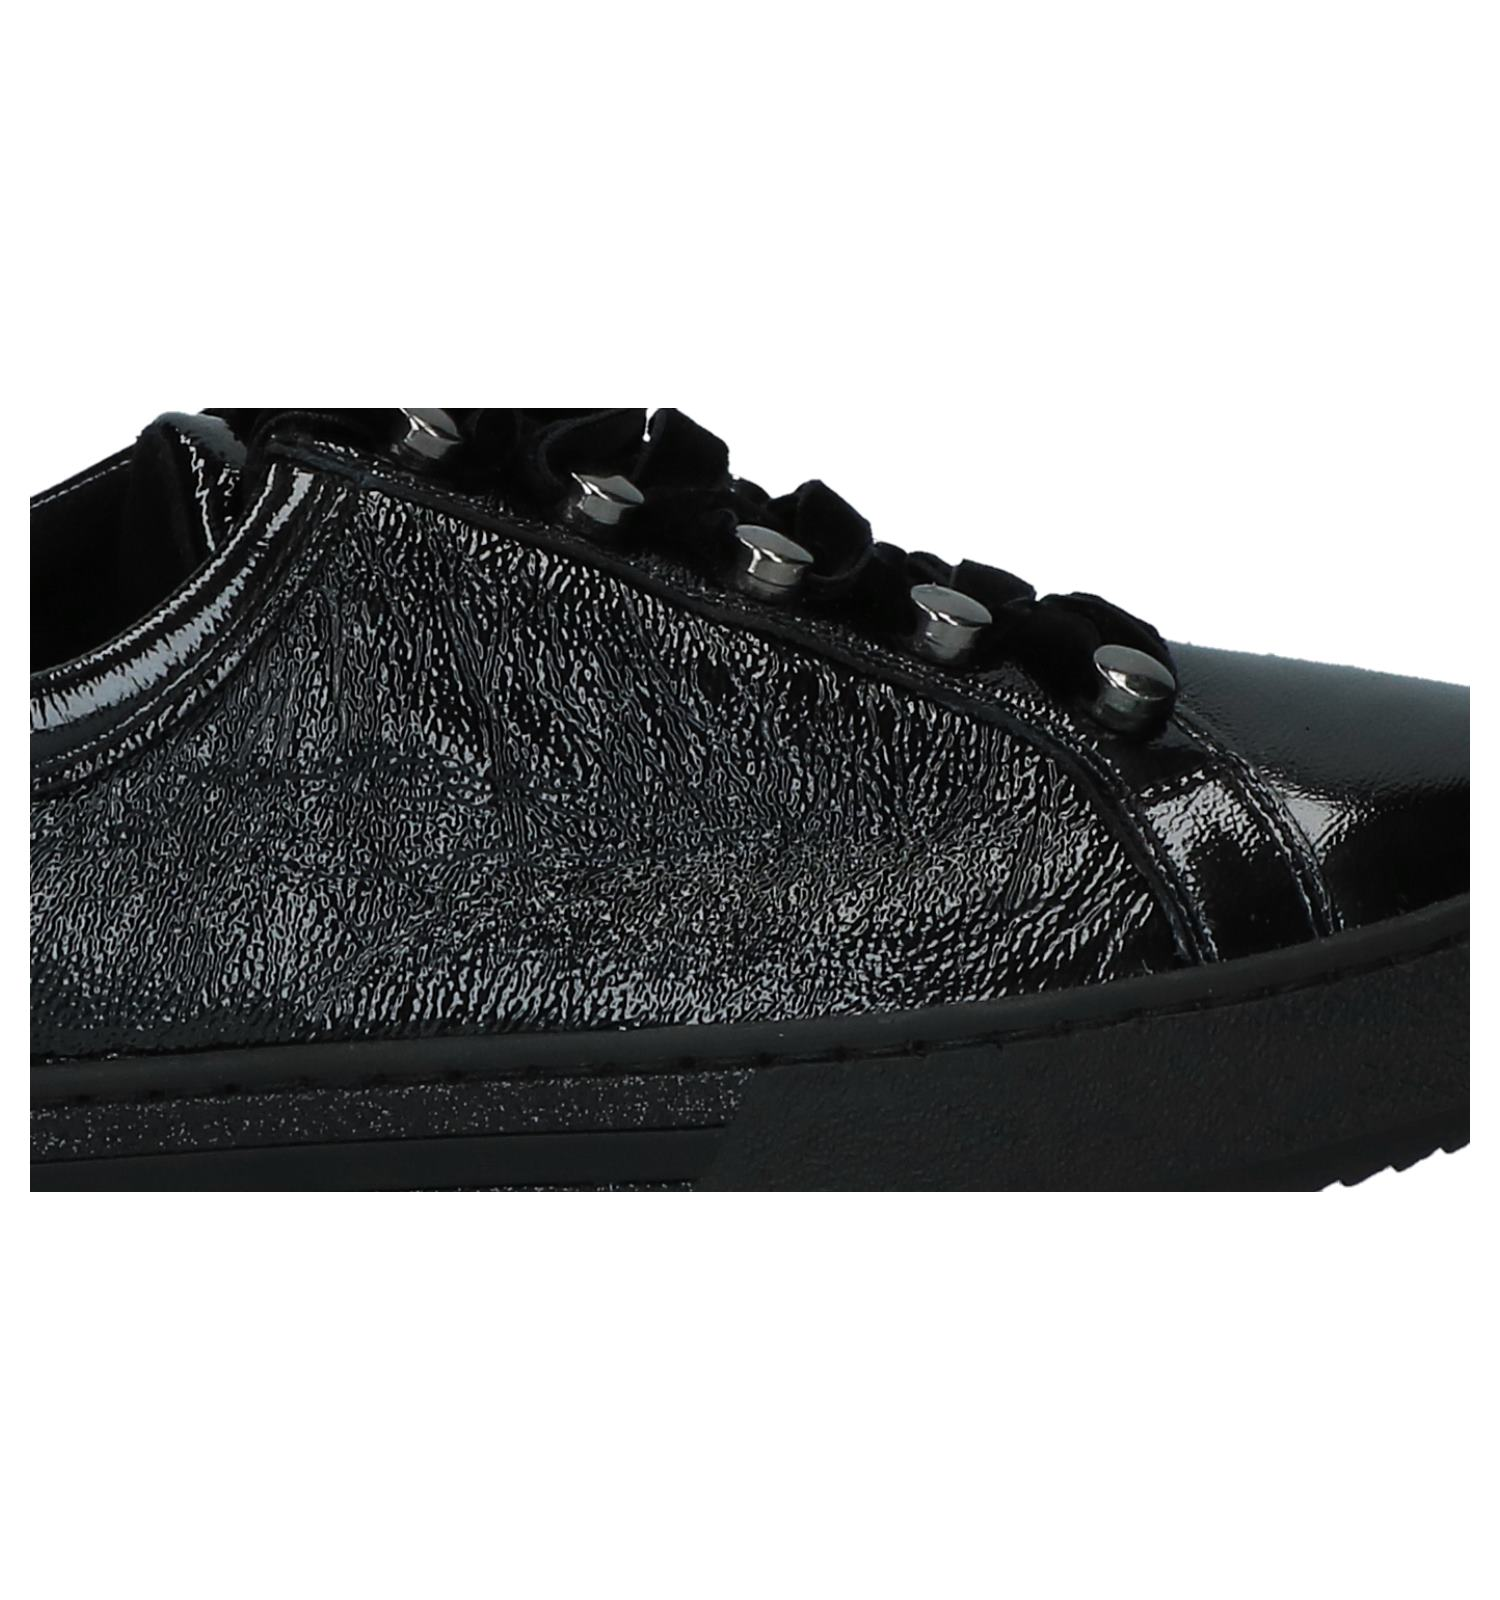 Gabor Optifit Zwarte Sneakers | SCHOENENTORFS.NL | Gratis